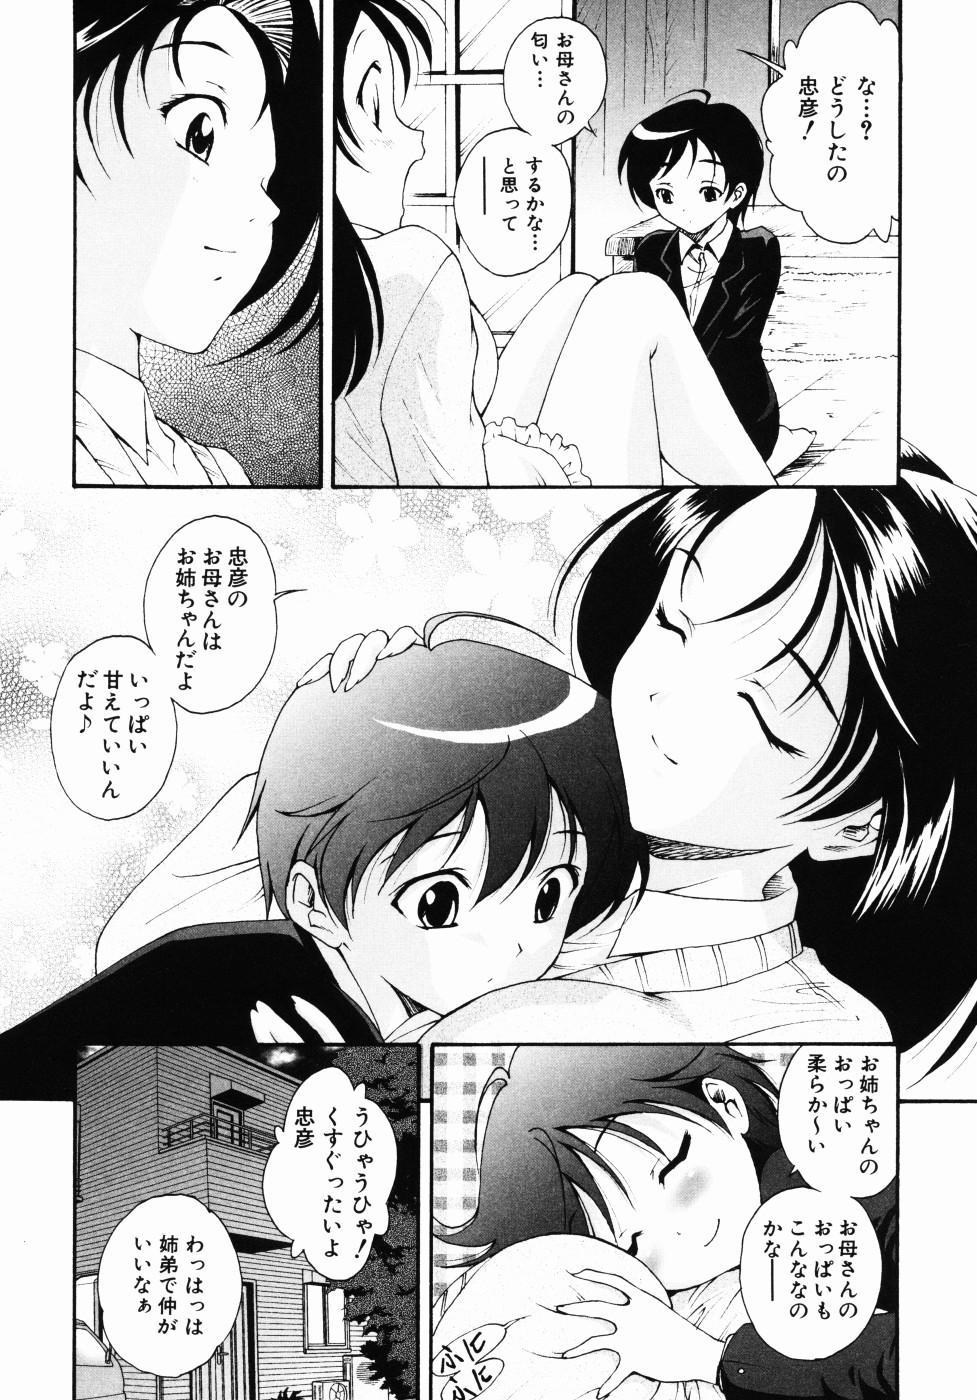 Daikyou Megami 174